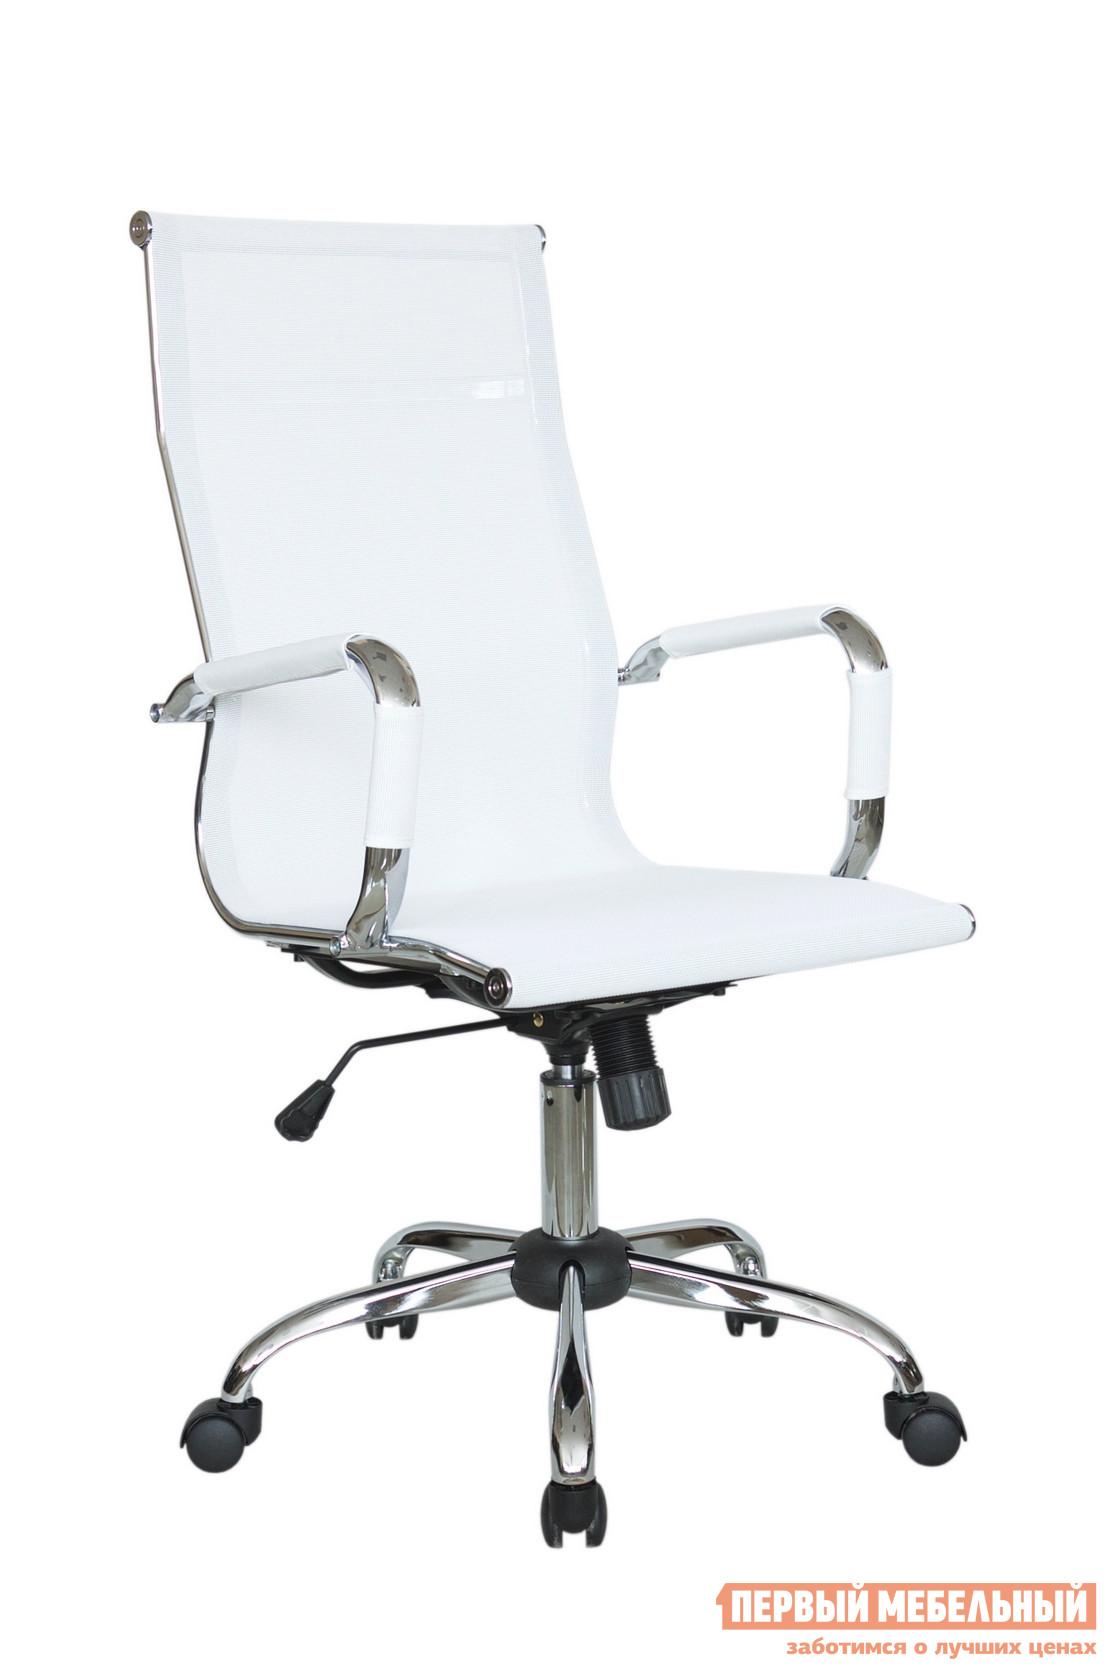 Кресло руководителя Riva Кресло RCH 6001-1 кресло руководителя riva кресло rch 9249 1